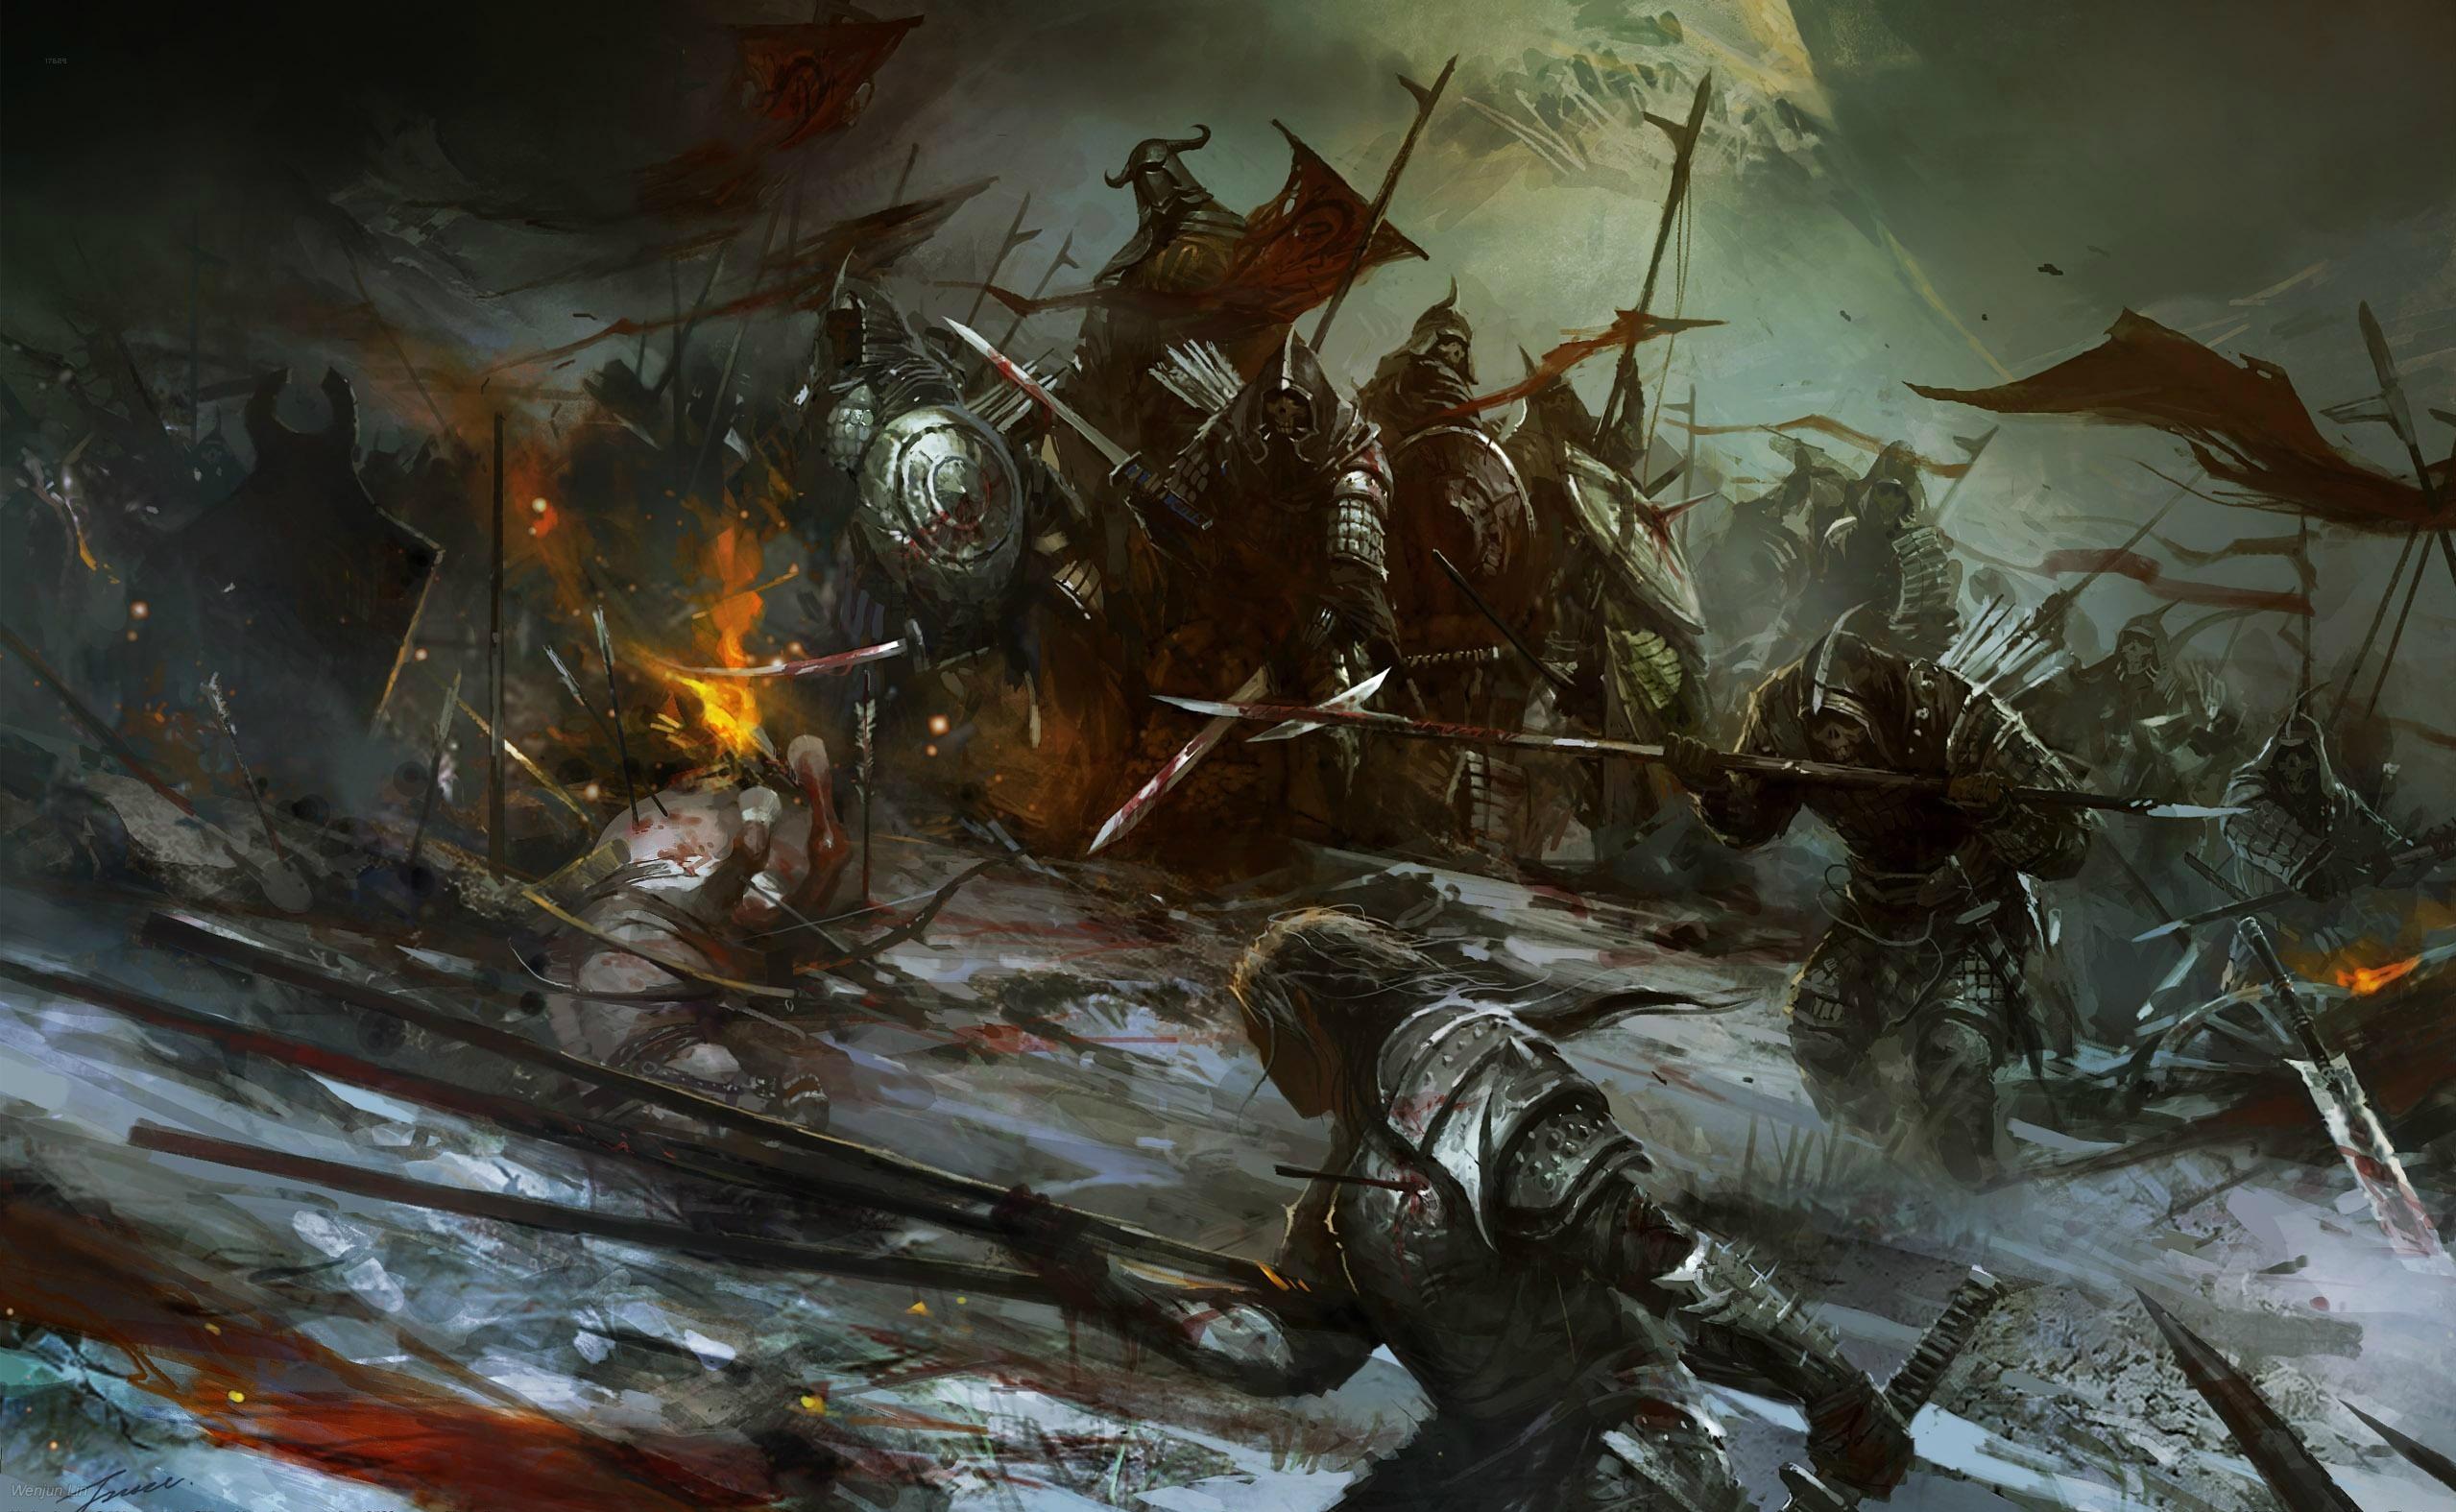 Género Fantástico - Batalla  Guerreros Fight Weapon Death Oscuro Espada Fondo de Pantalla